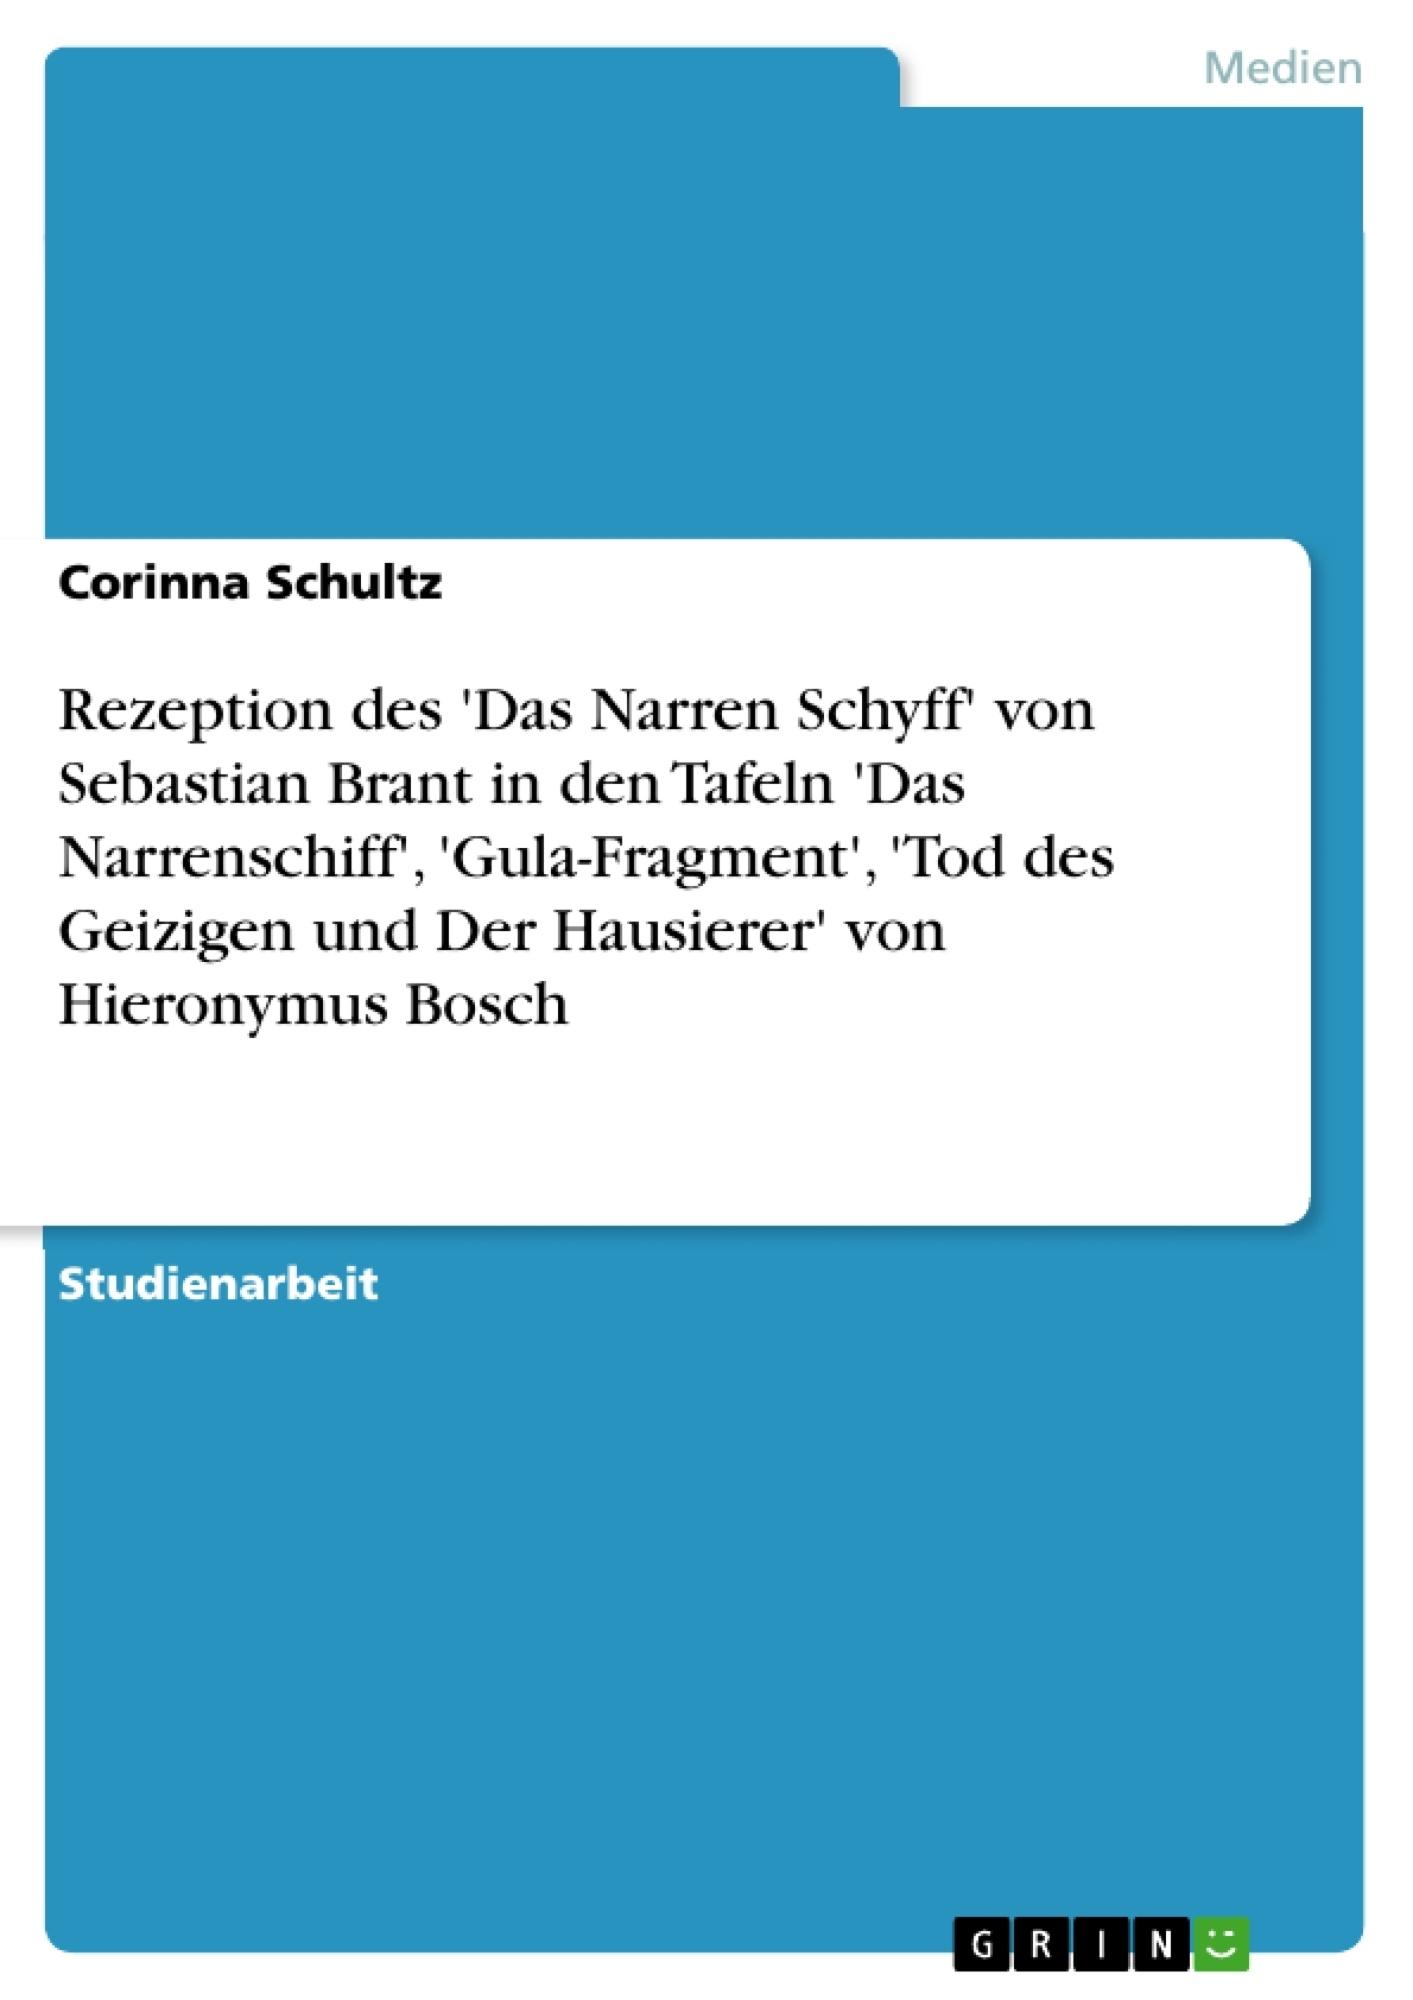 Titel: Rezeption des 'Das Narren Schyff' von Sebastian Brant in den Tafeln 'Das Narrenschiff', 'Gula-Fragment', 'Tod des Geizigen und Der Hausierer' von Hieronymus Bosch